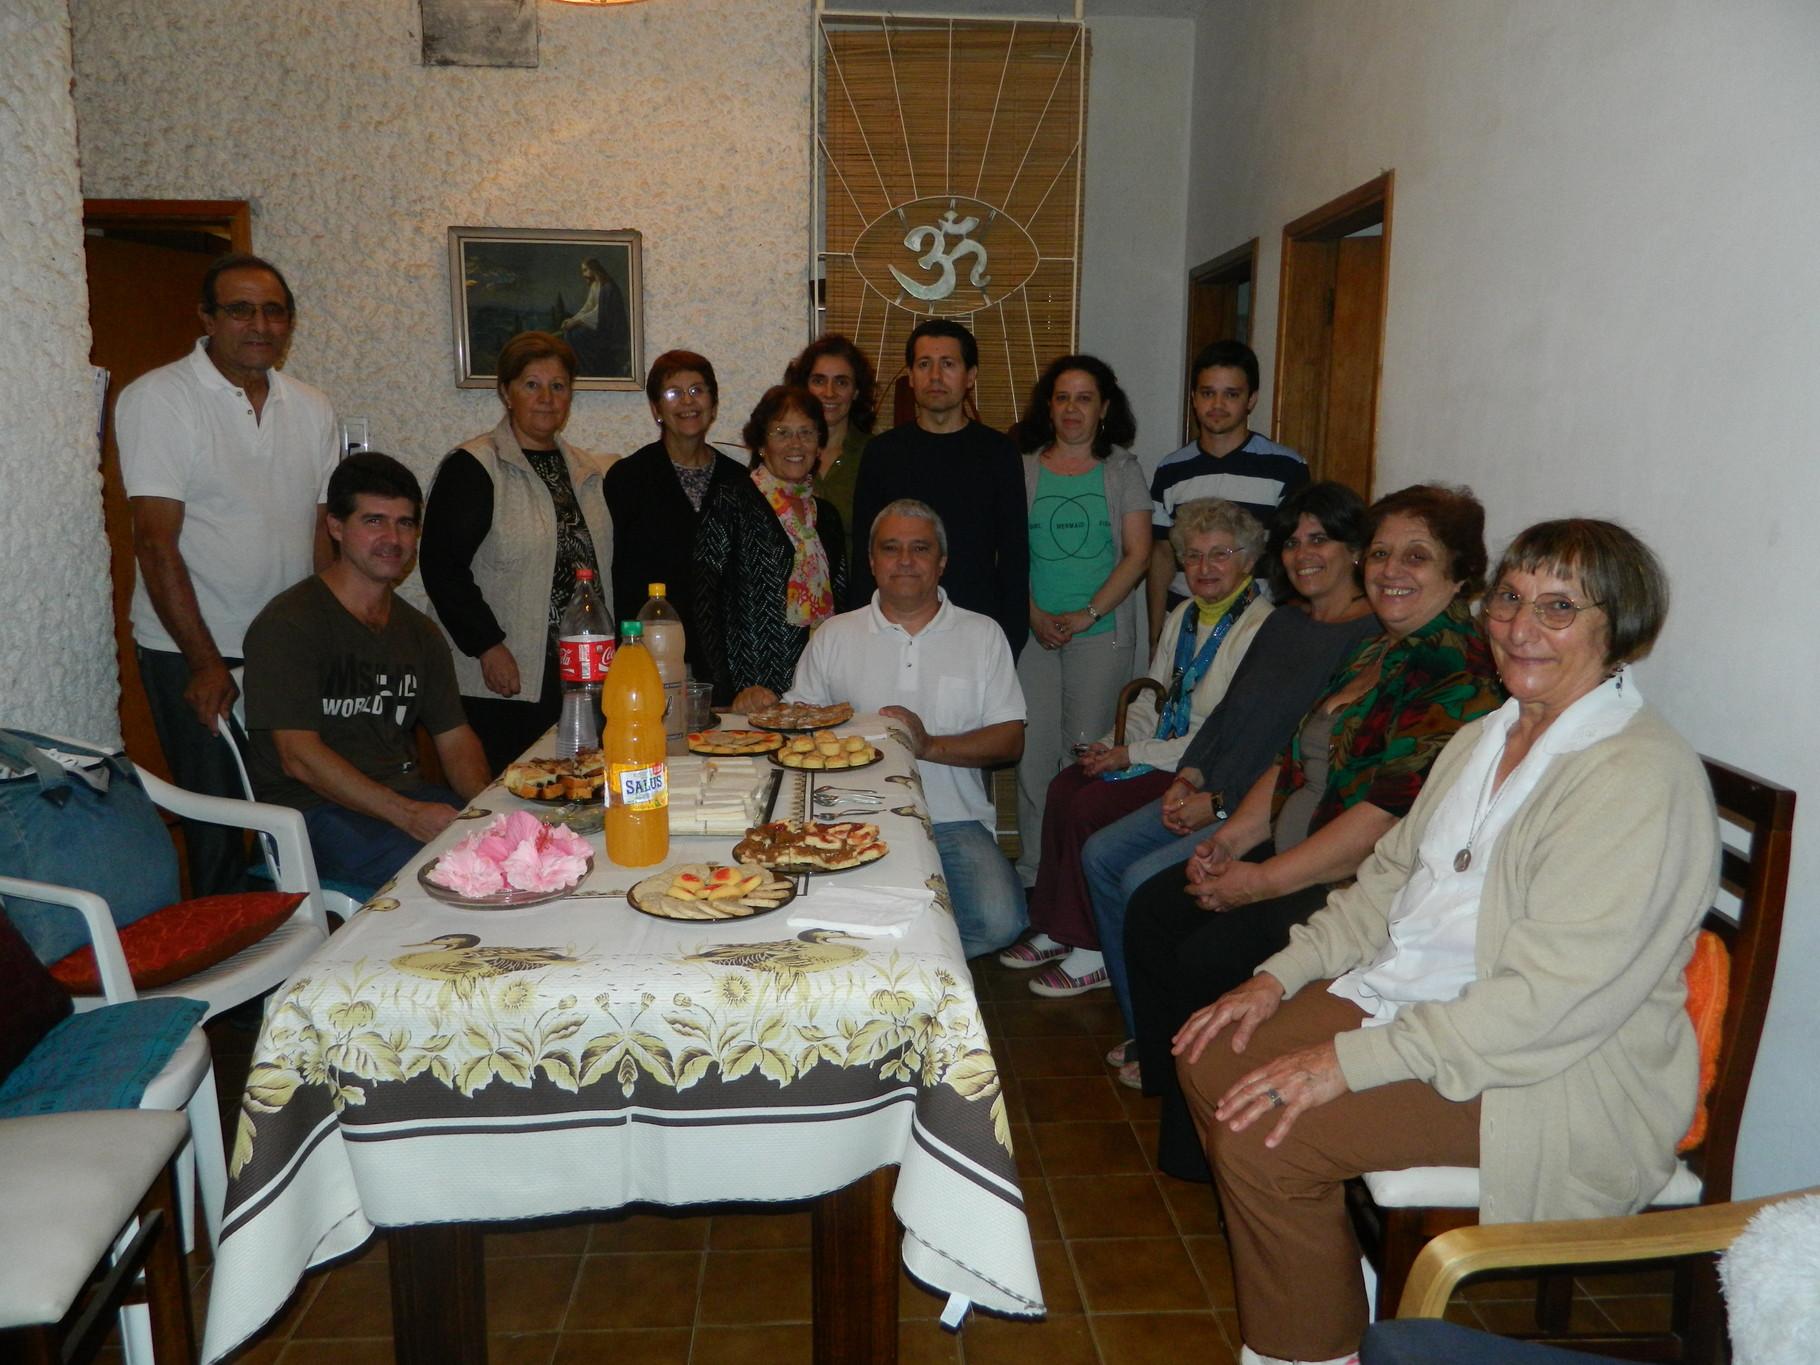 Con amigos y familia - Uruguay 2014